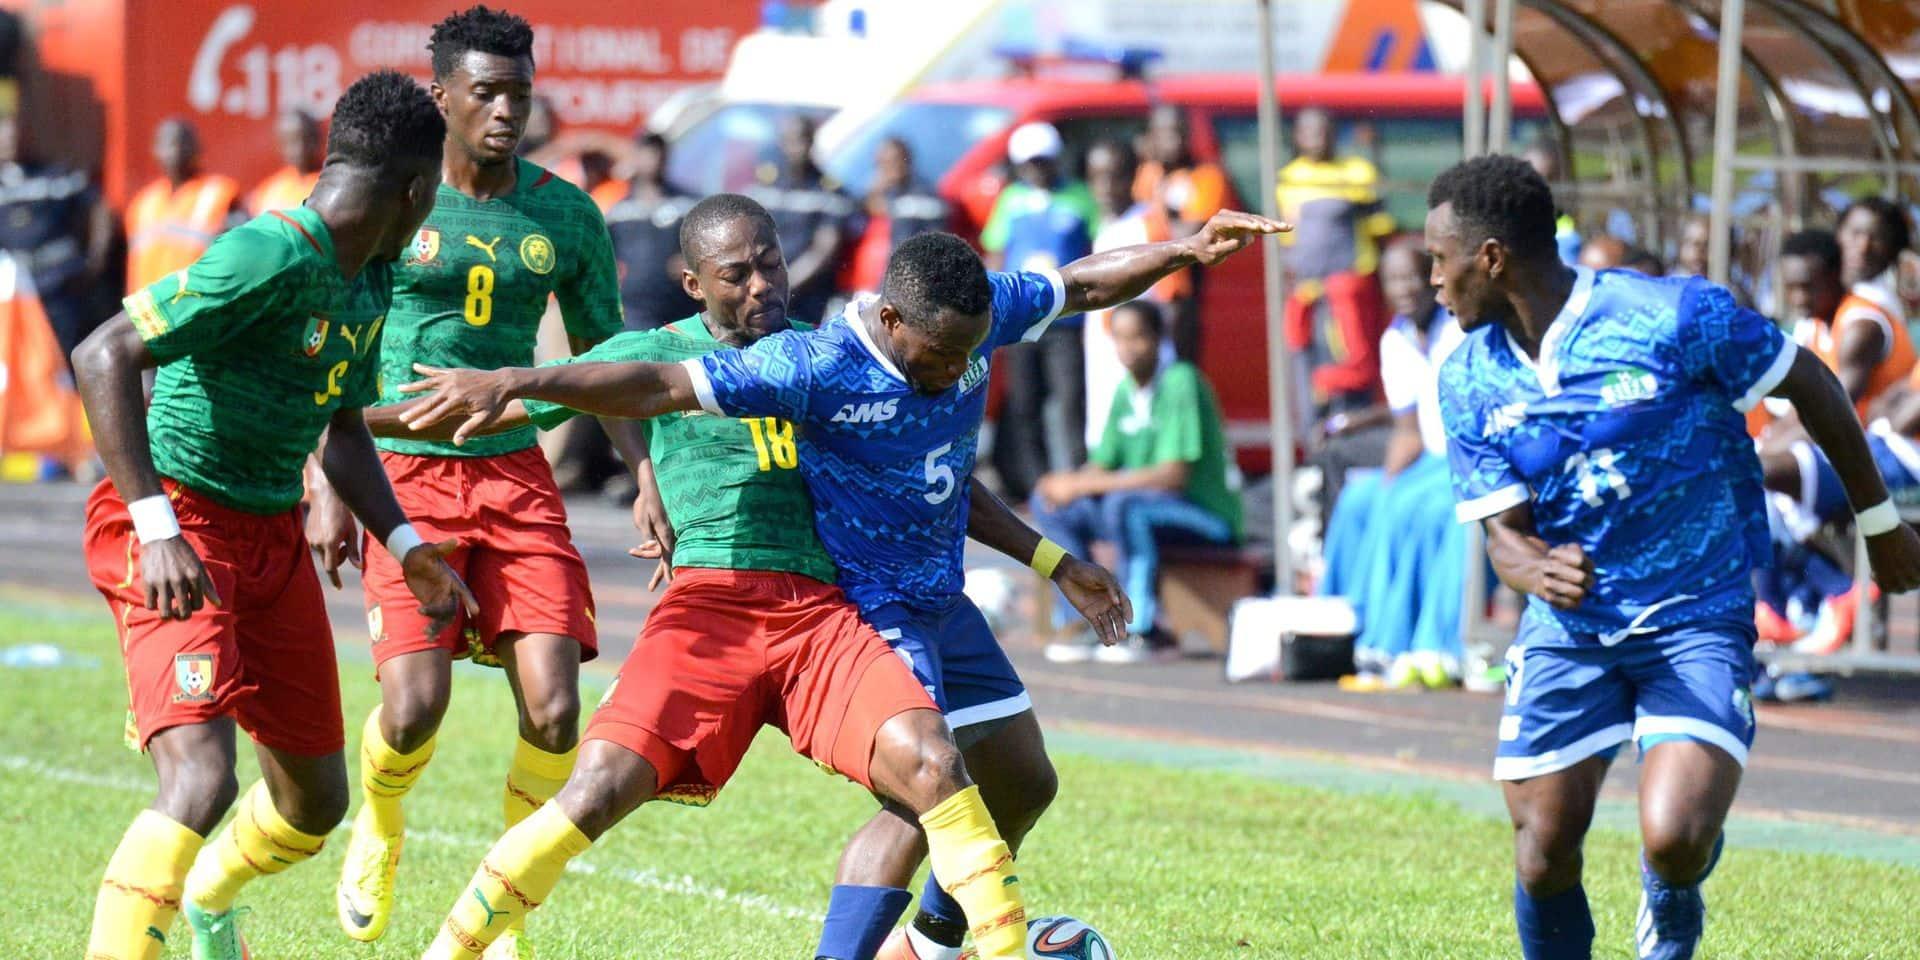 Au Cameroun, les championnats de football sont suspendus, fautes de moyen...